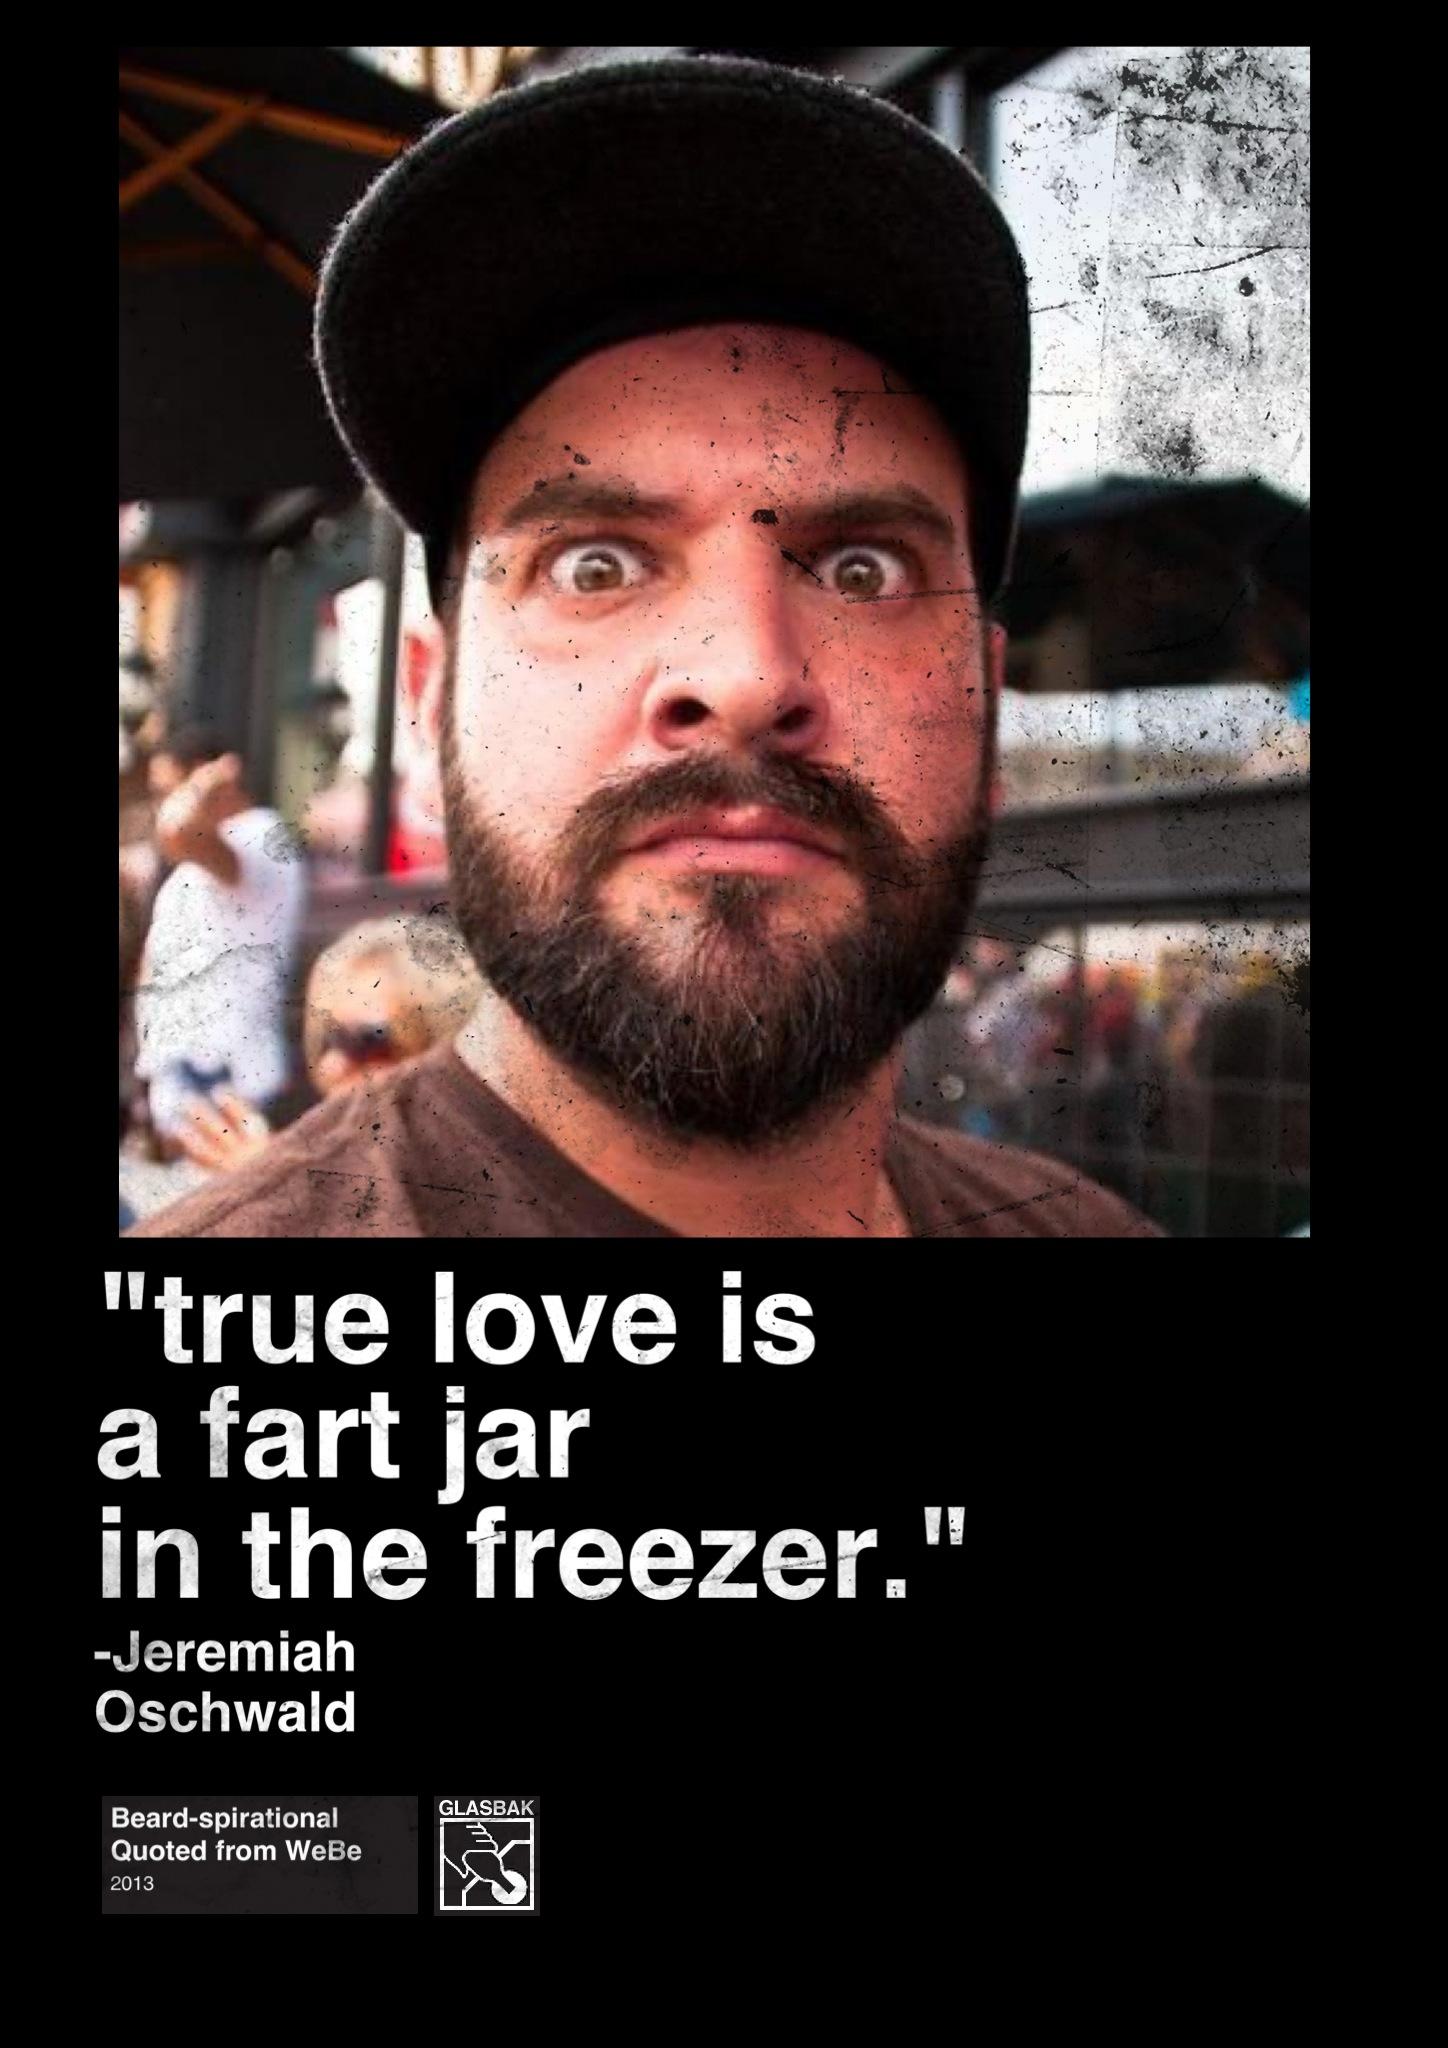 2013-03-18_true love is a fart jar in the freezer.jpg